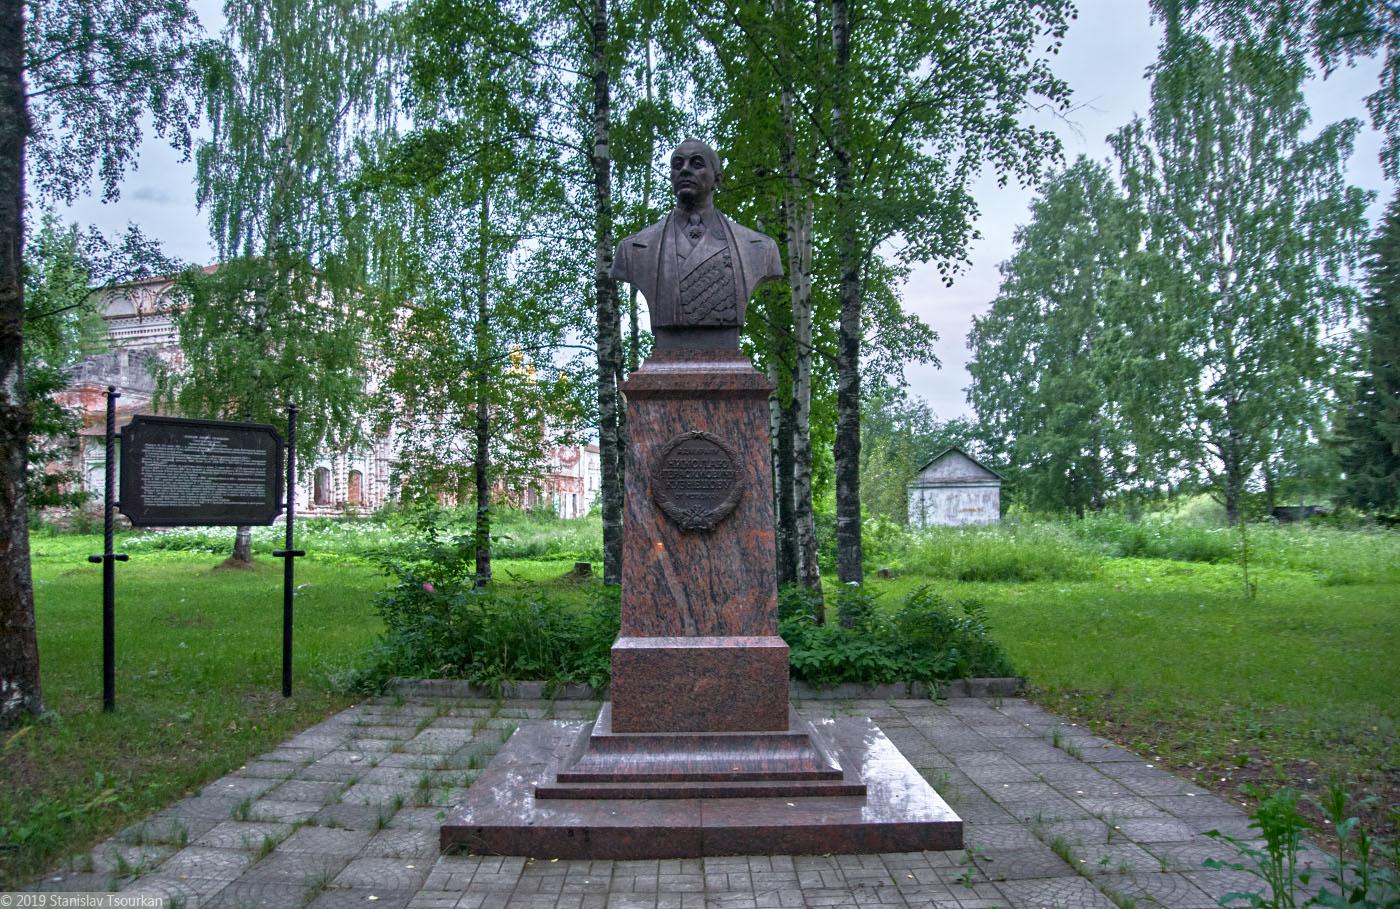 Вологодская область, Вологодчина, Великий устюг, Русский север, адмирал Кузнецов